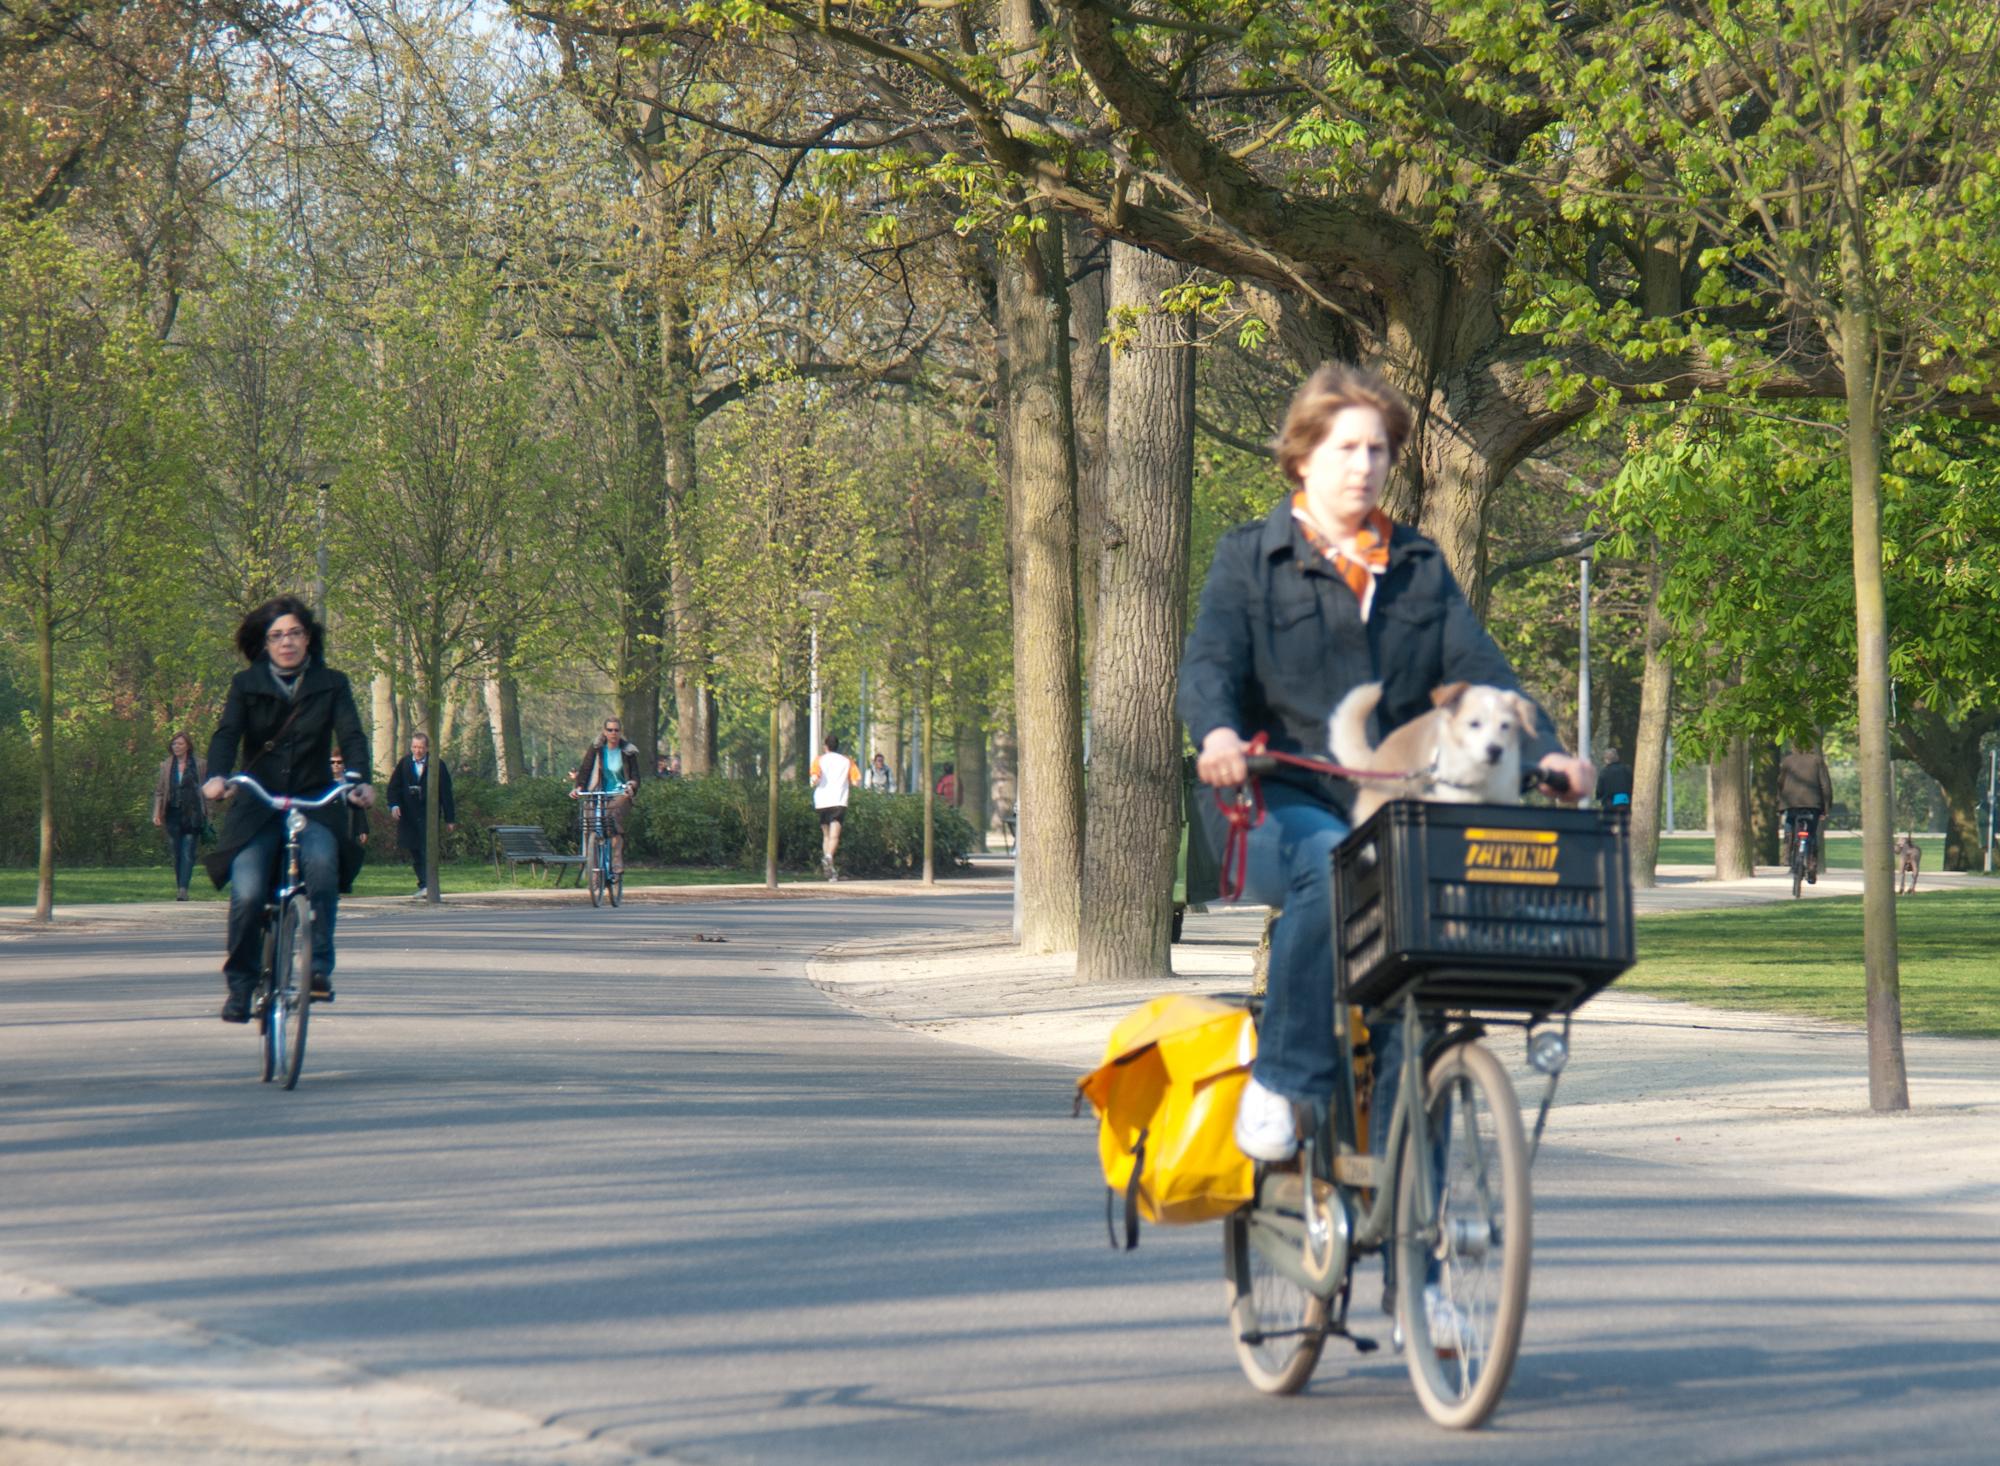 2011-04-17 49 Amsterdam - Vondelpark